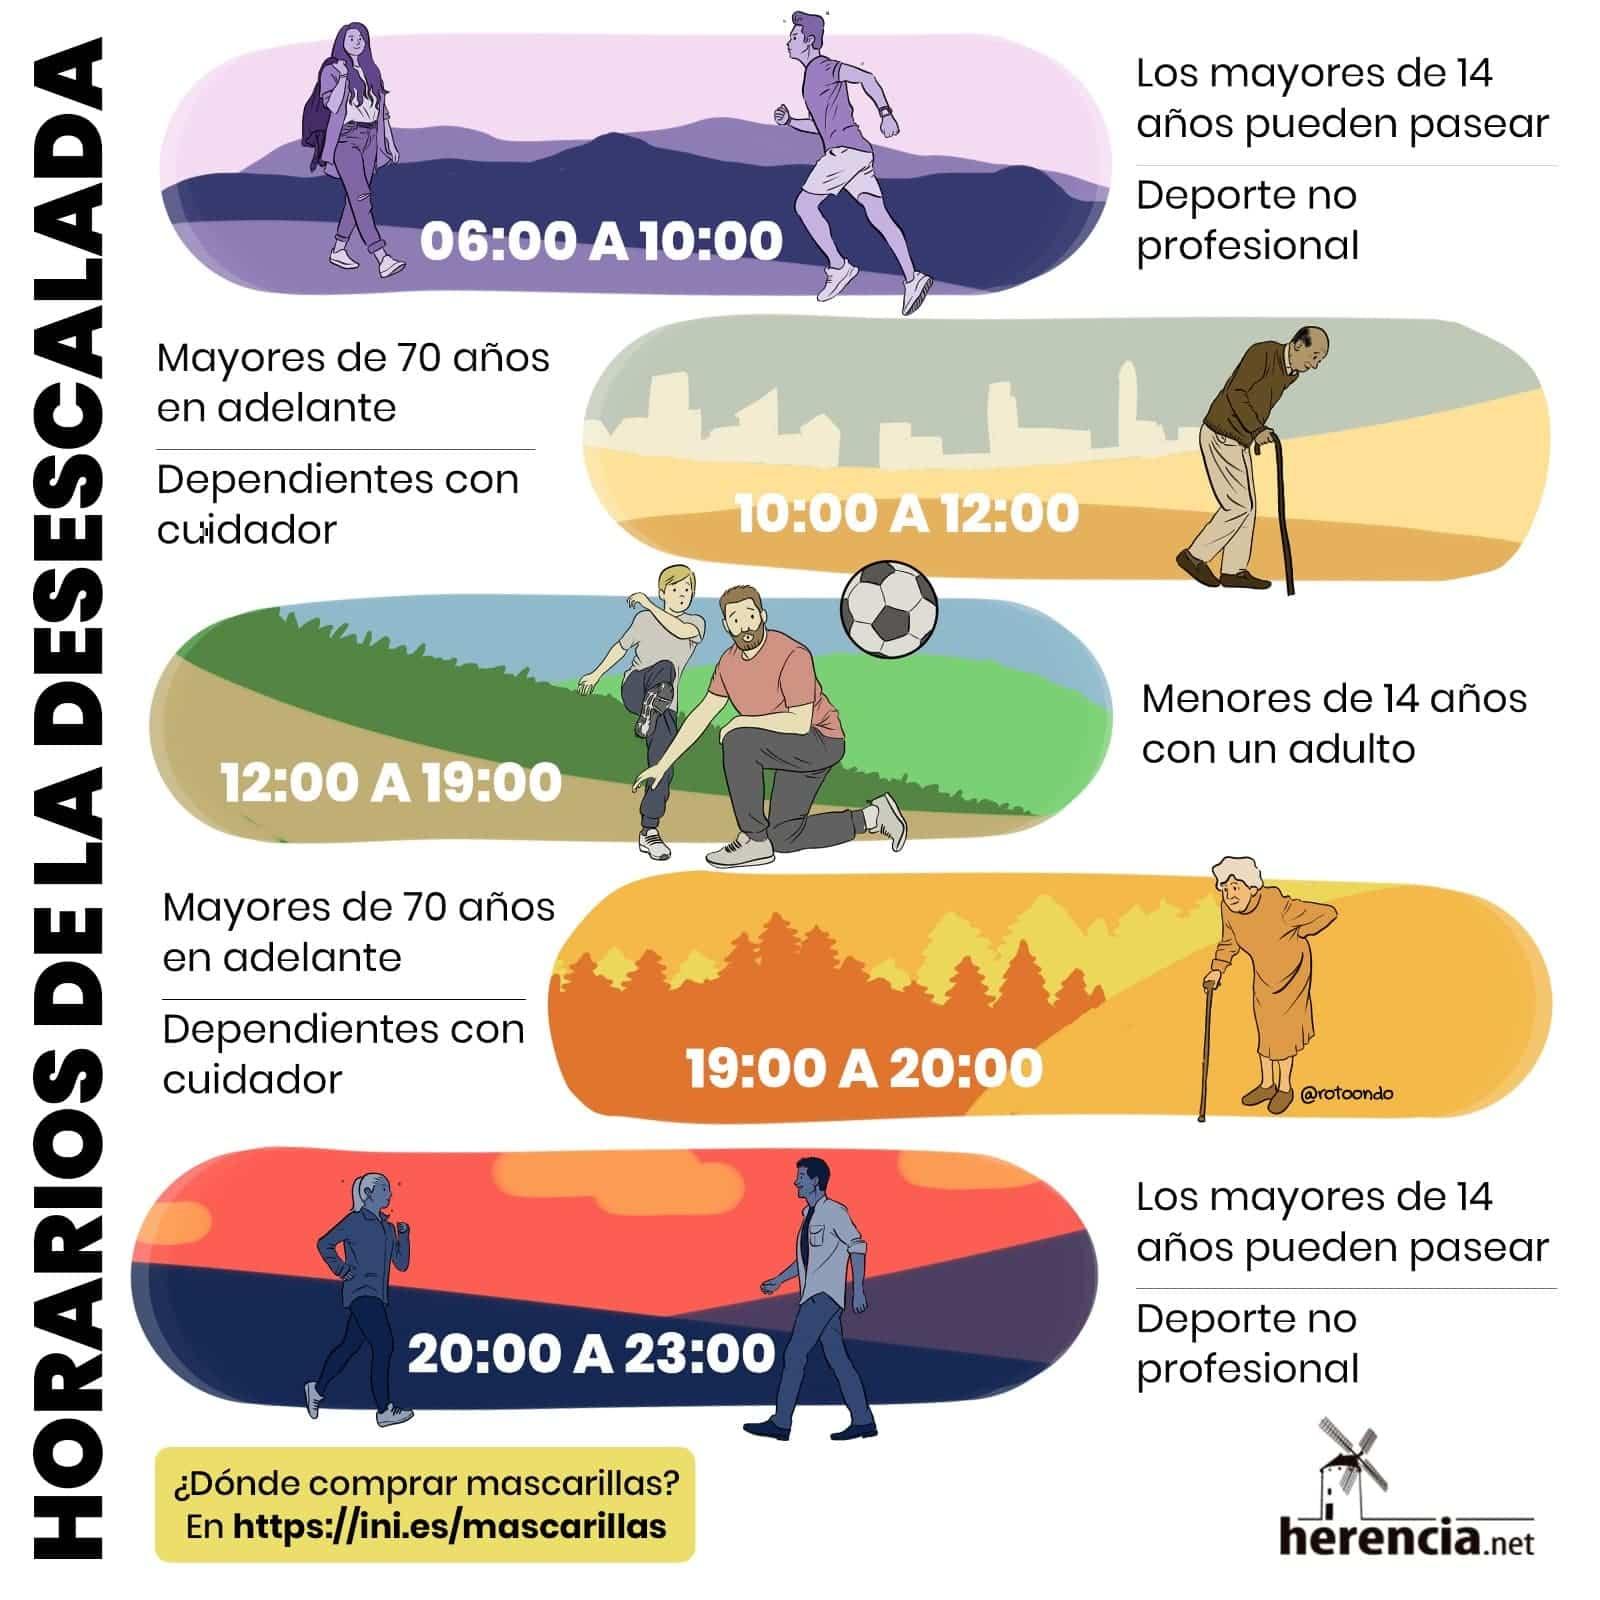 La Policía Local de Herencia informa sobre los horarios de la fase 1 3